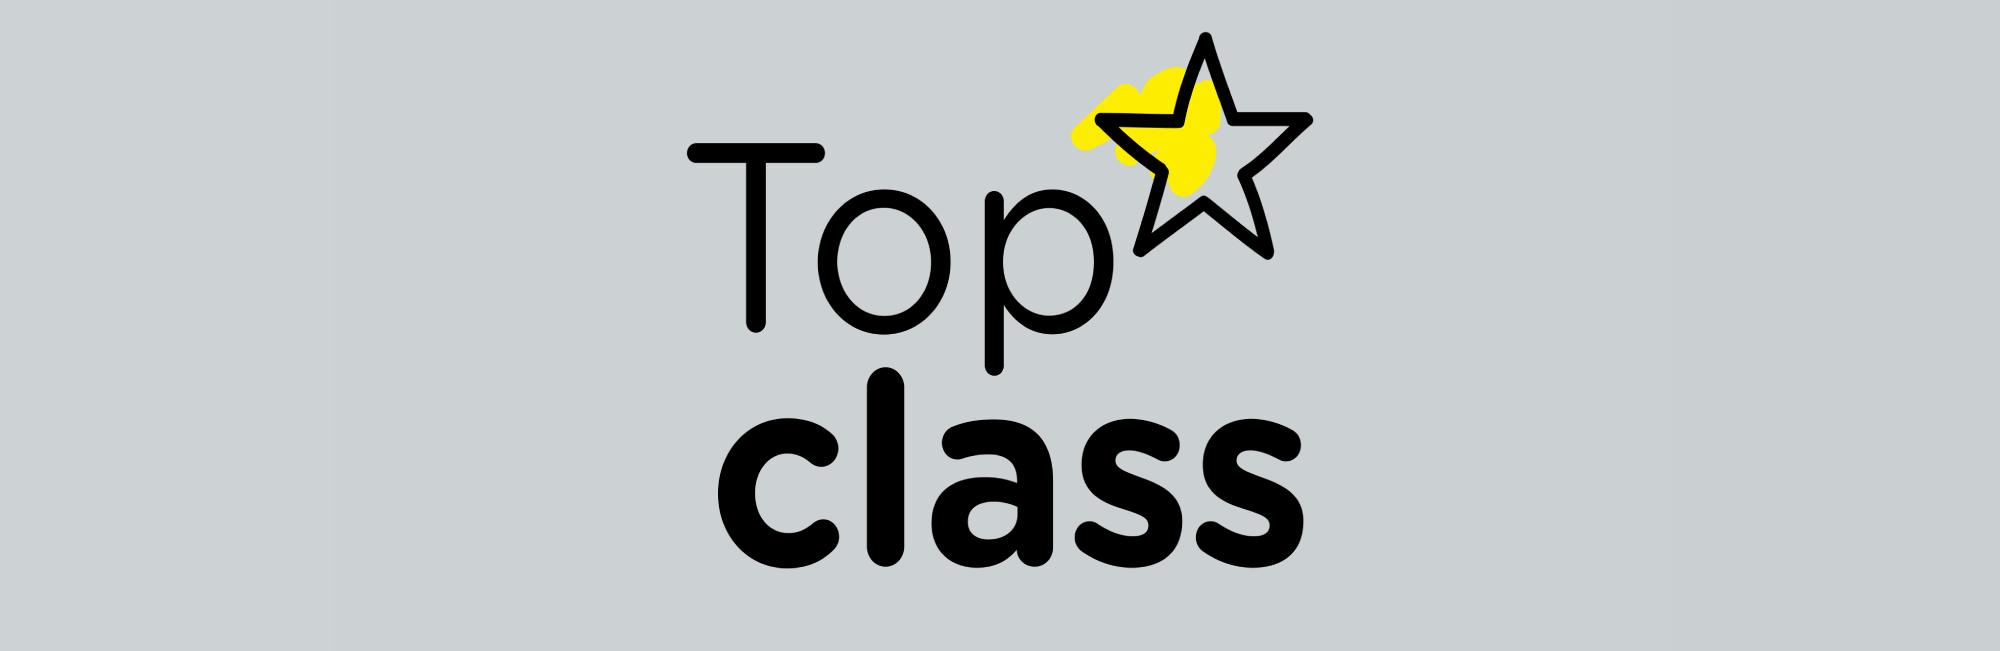 Top Class - Wajiira